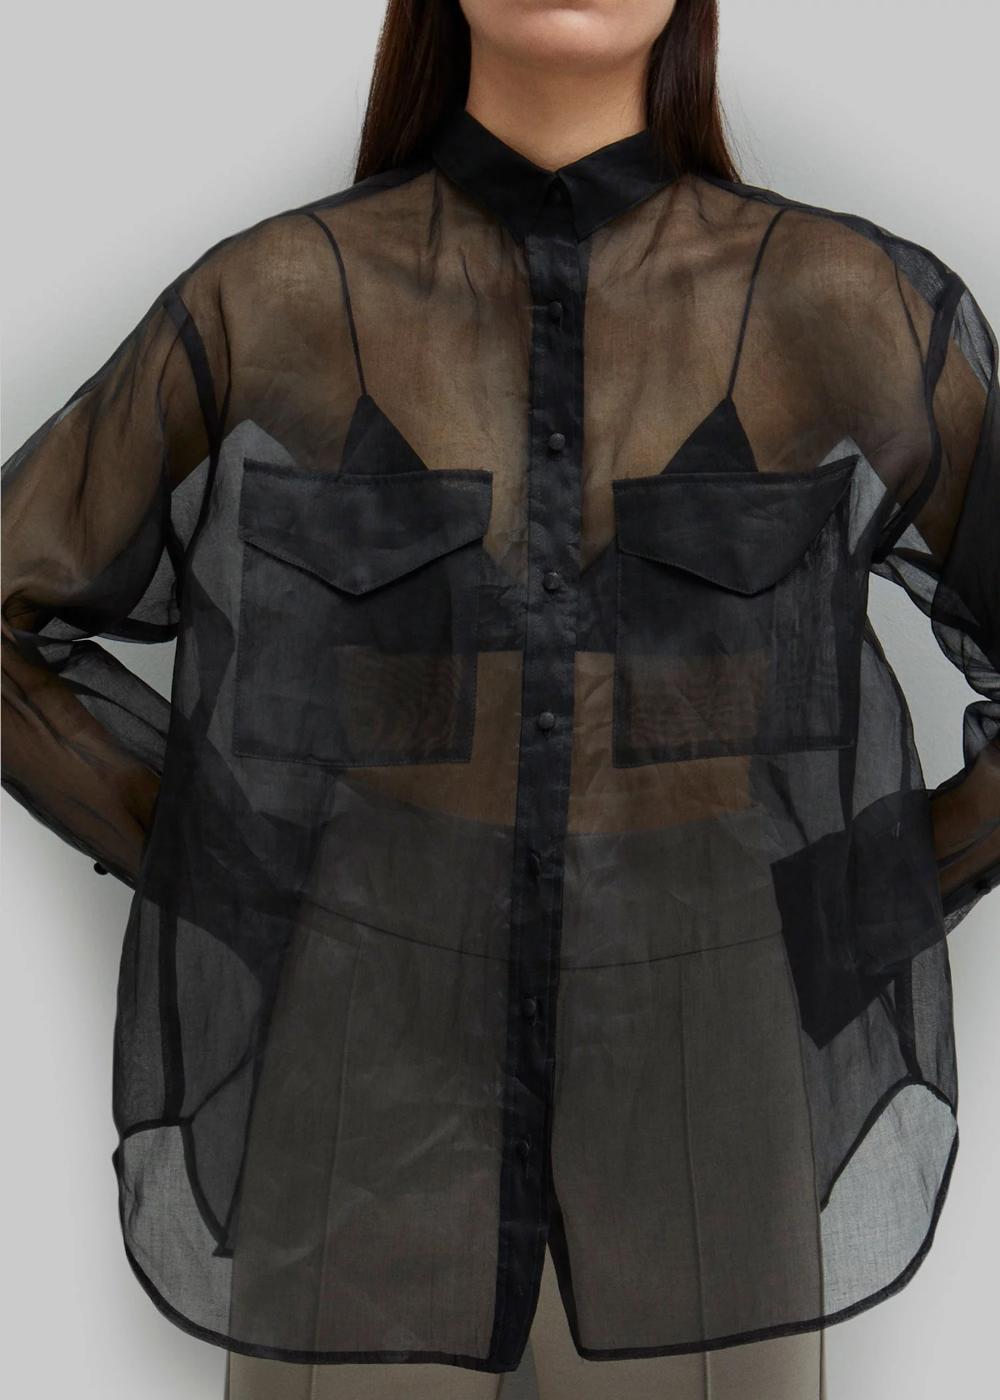 Novella organza shirt black